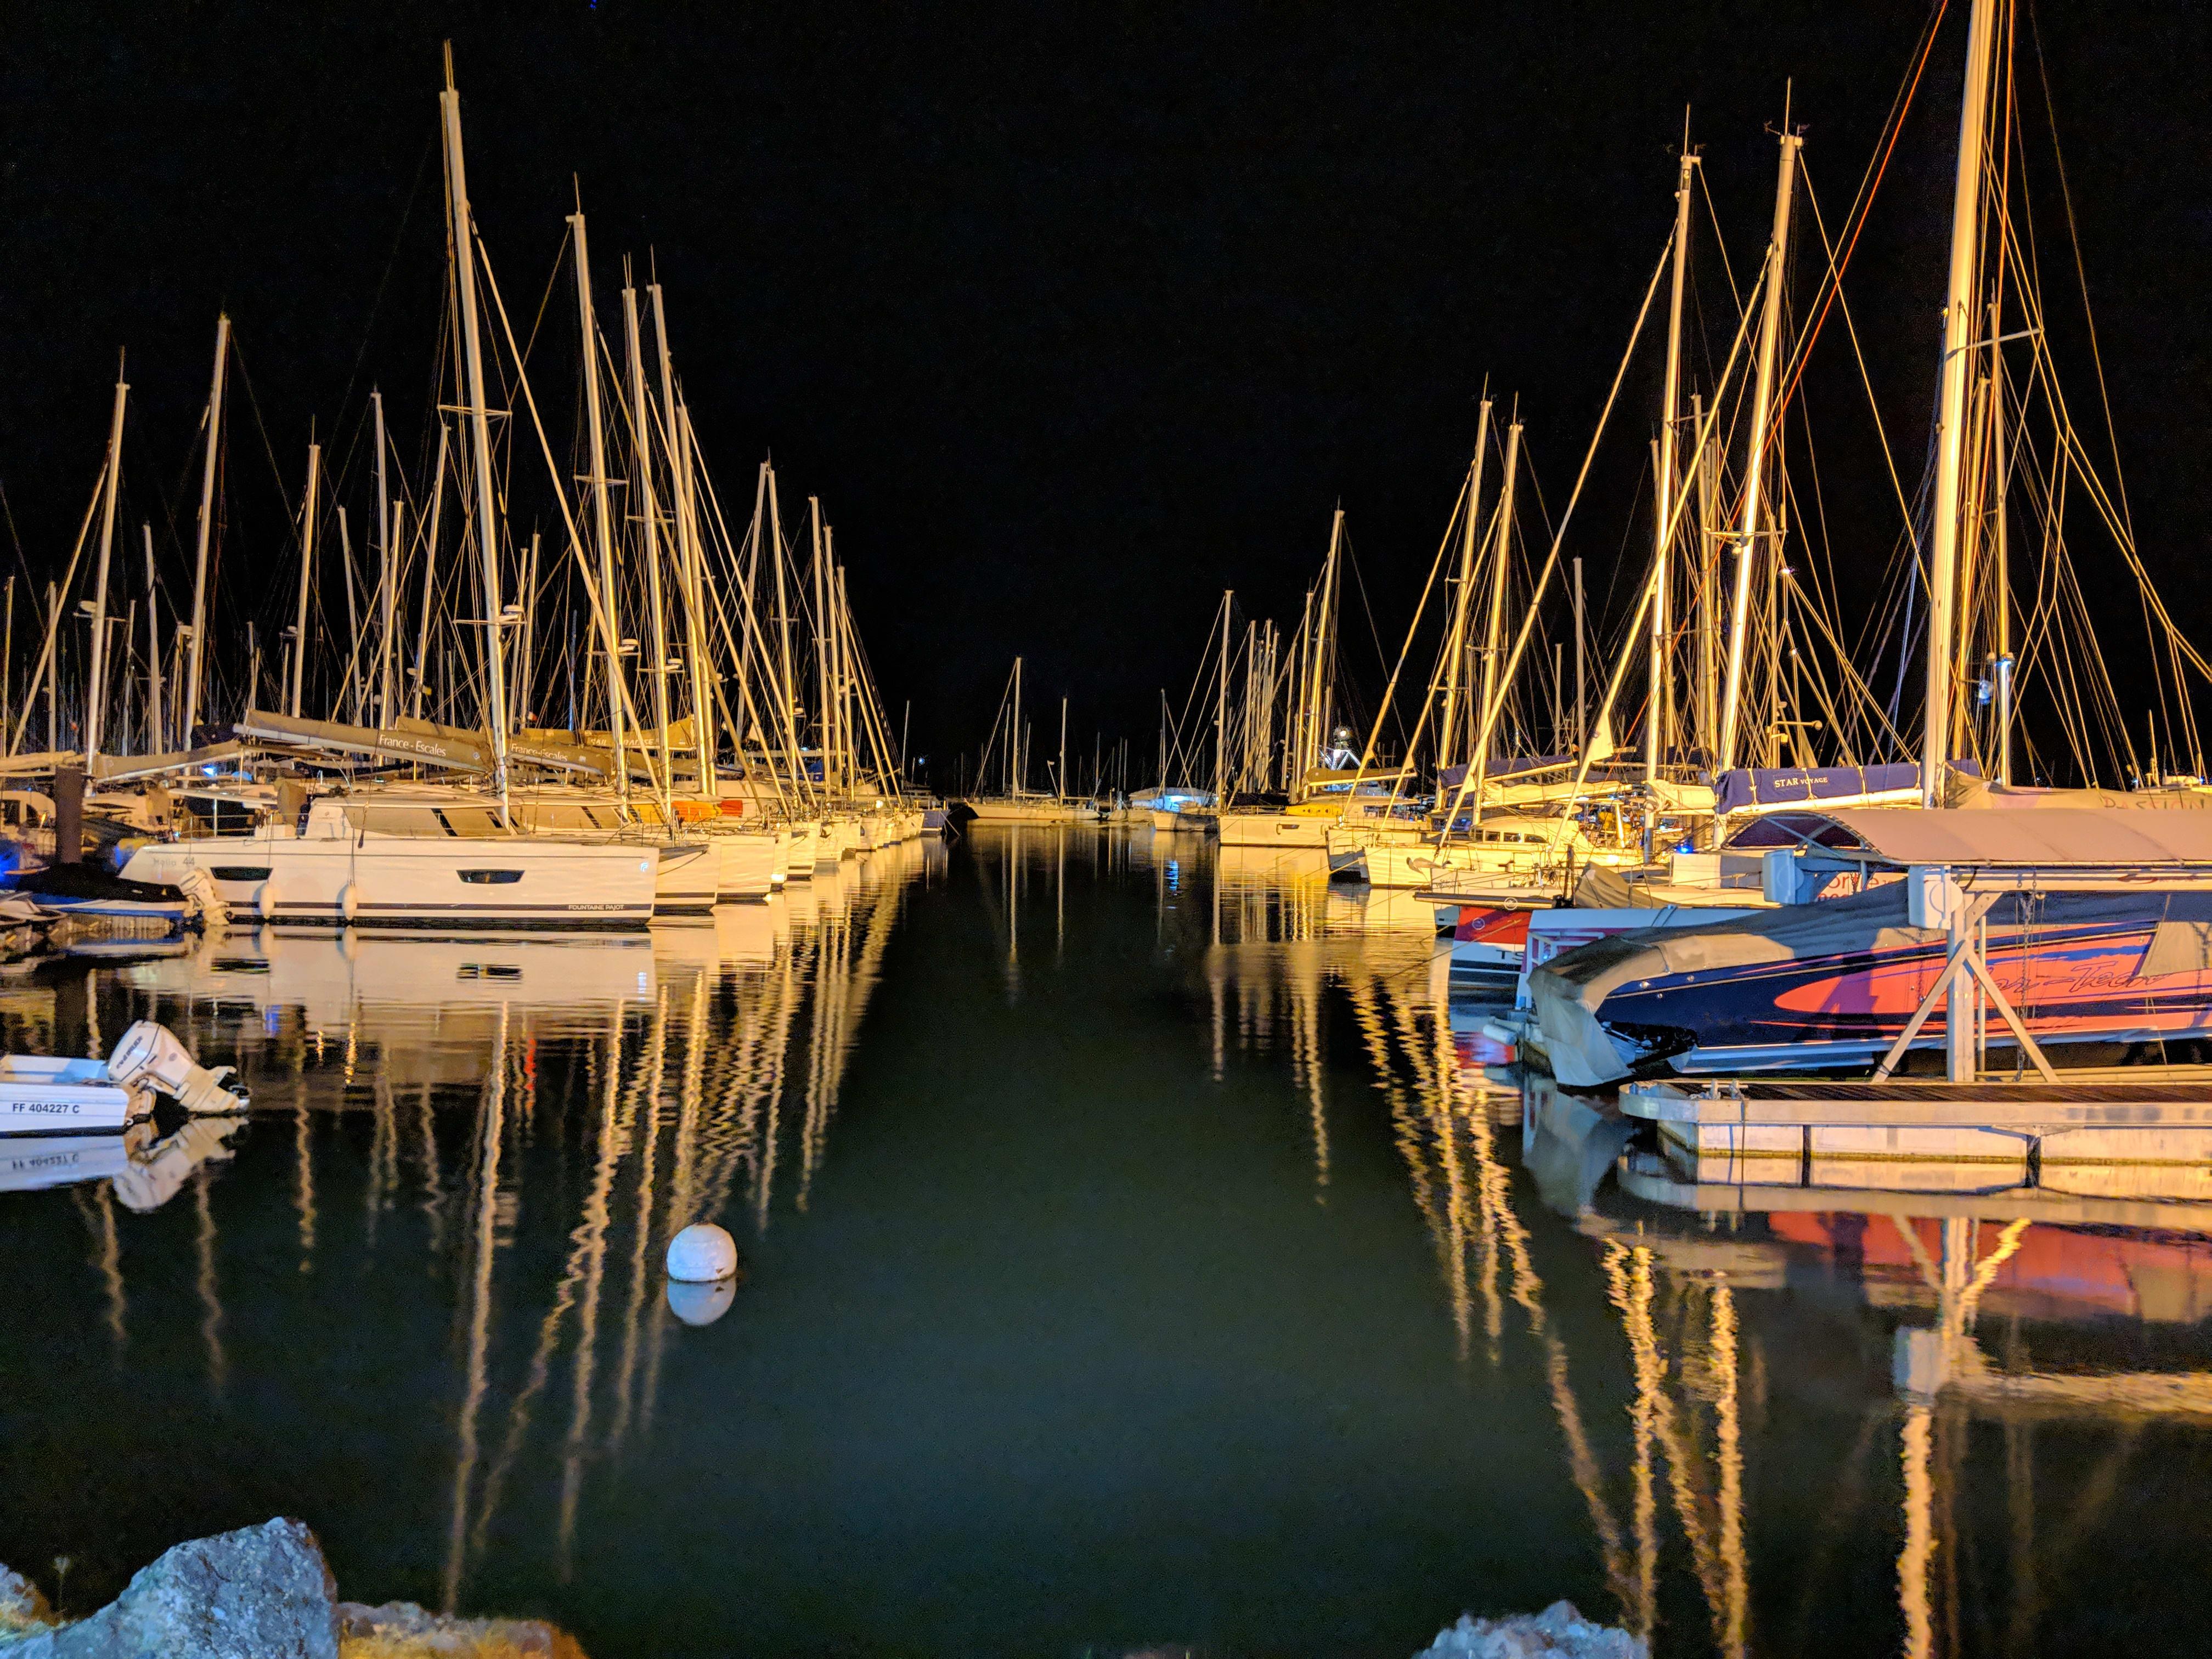 A marina full of sailboats at night